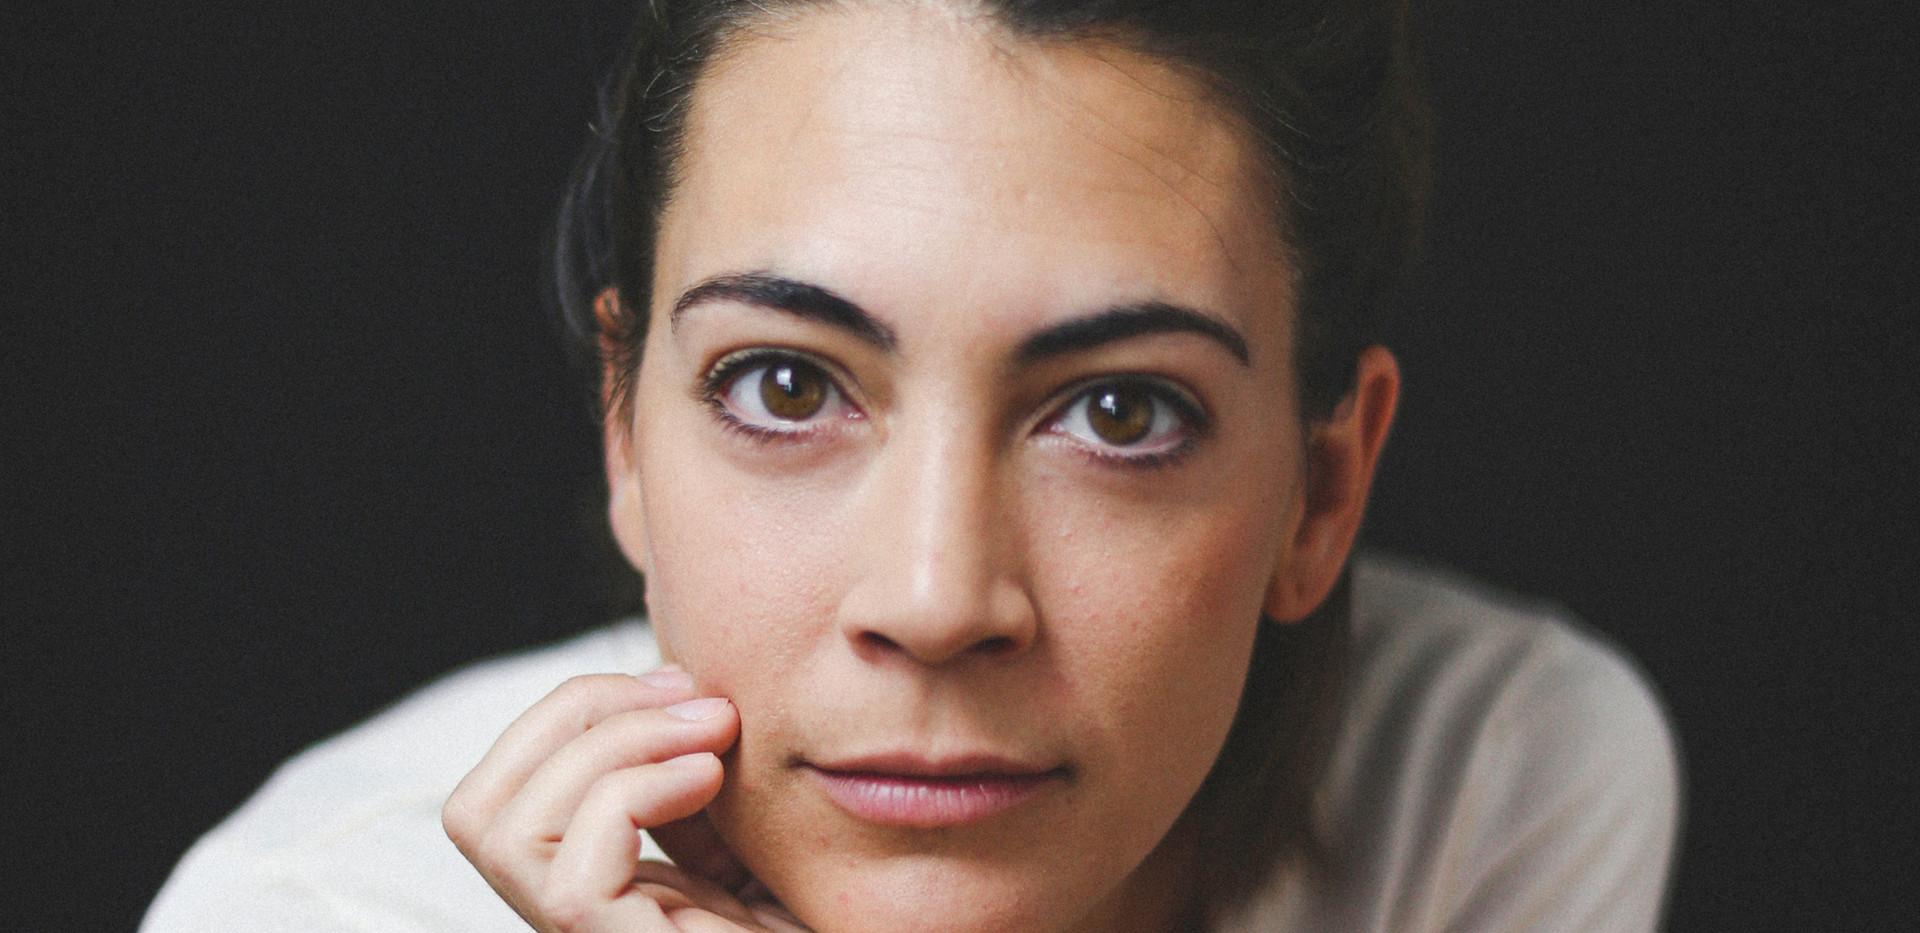 Bárbara Rivas 9 by Asier Corera